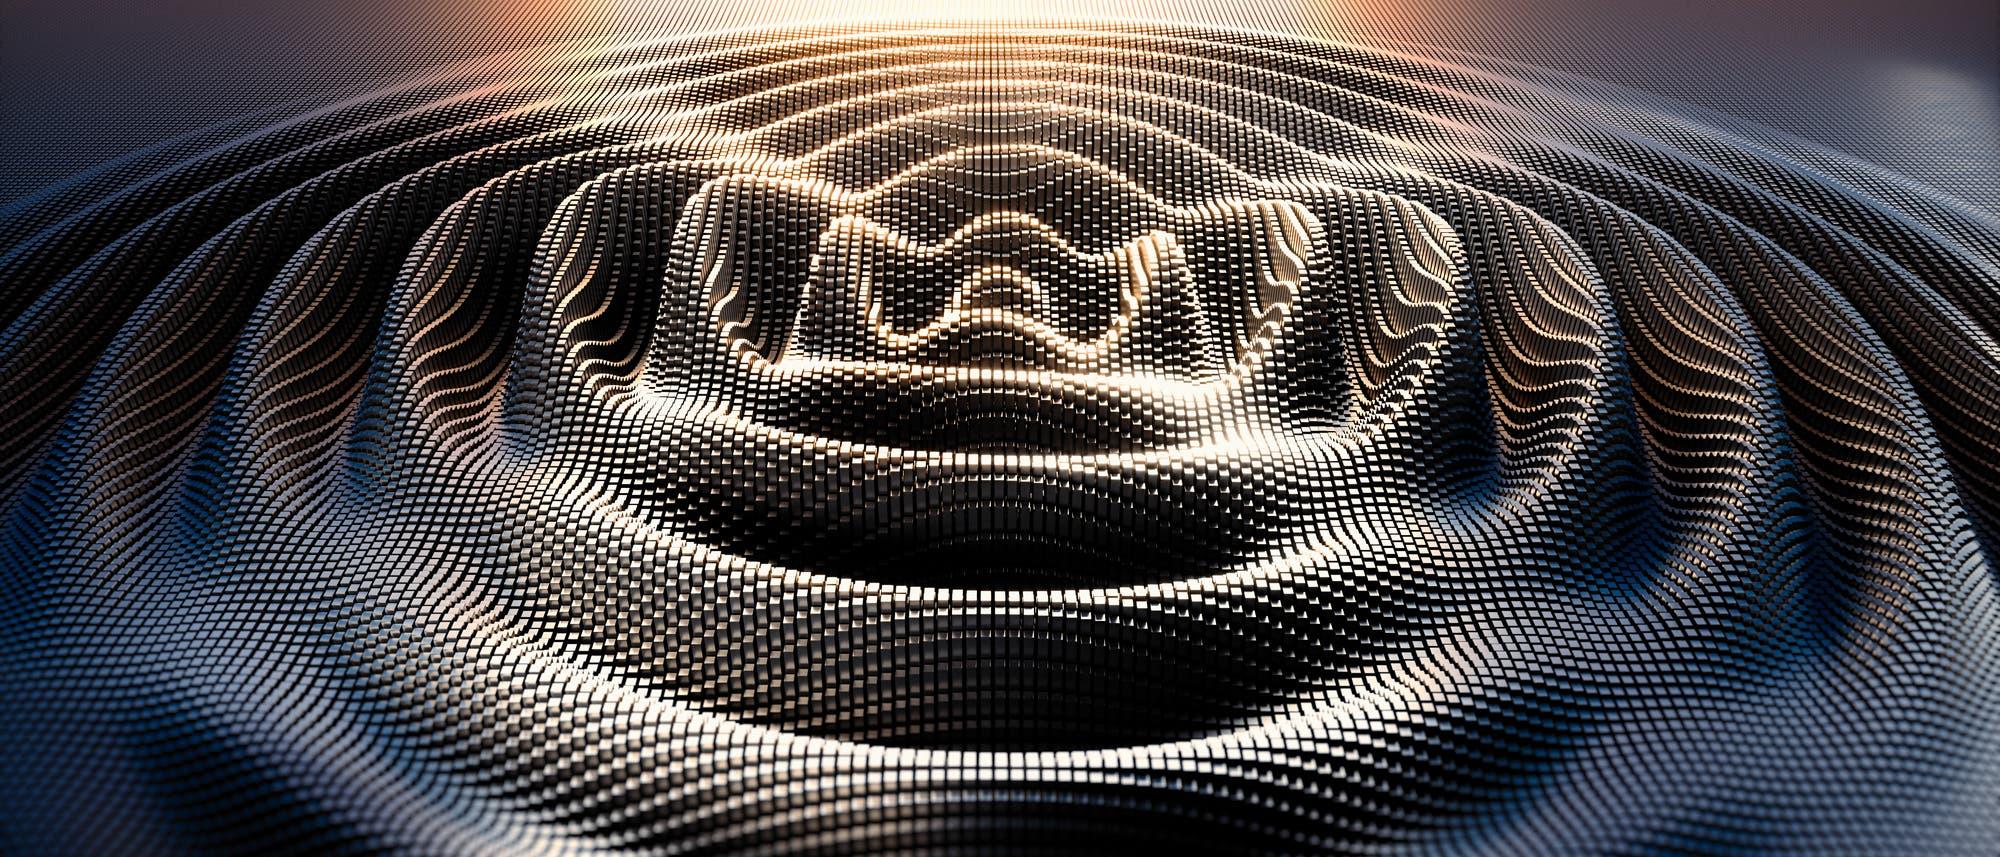 Konzentrischer Wellenzug, der aus Punkten aufgebaut ist.